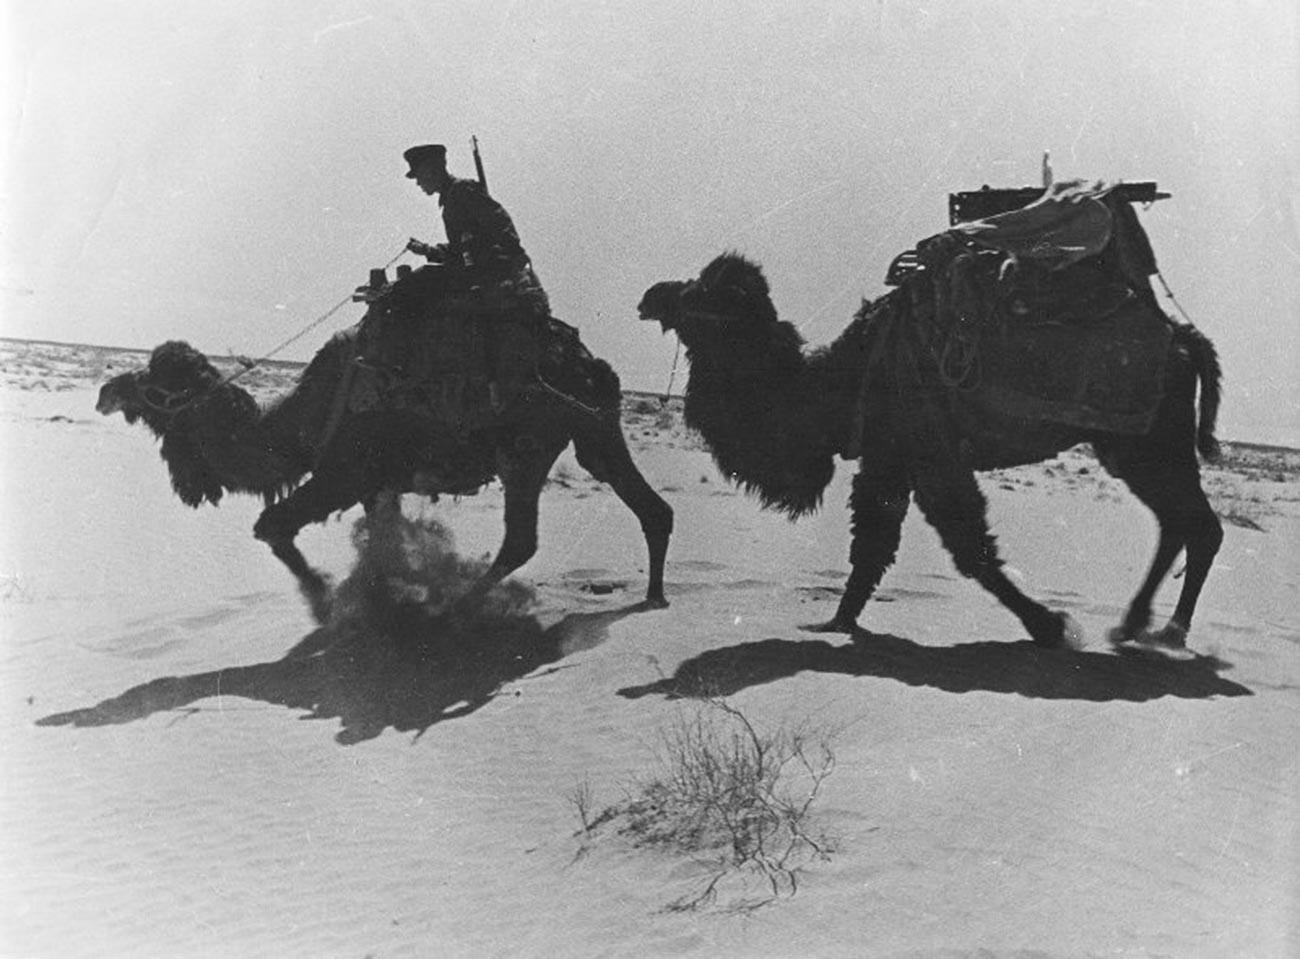 Гранична охрана в Туркменската ССР, 1930-те